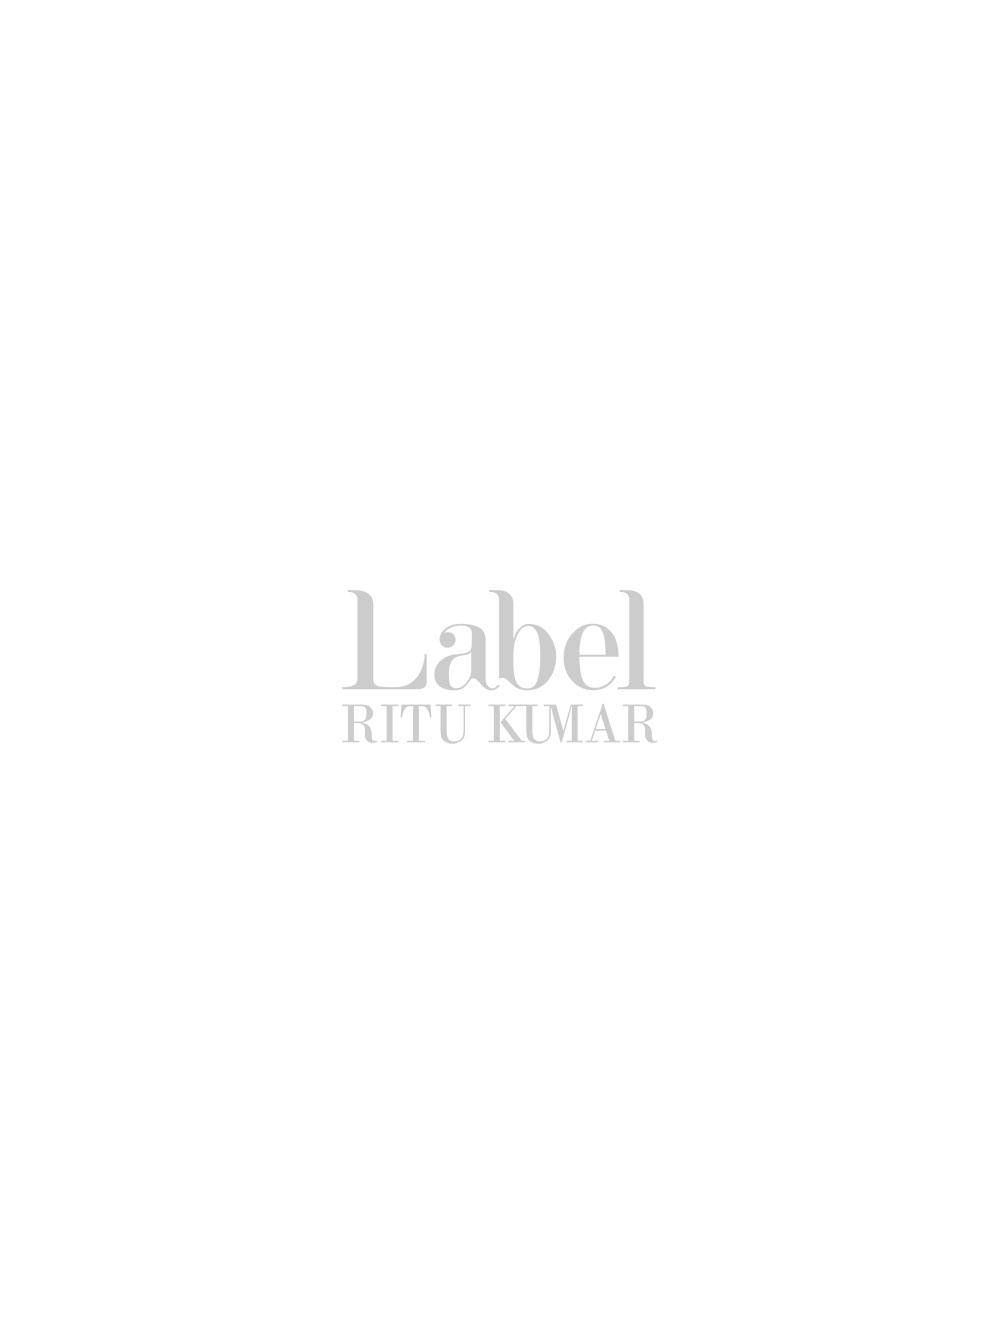 Blue Pleated Midi Skirt by Label Ritu Kumar